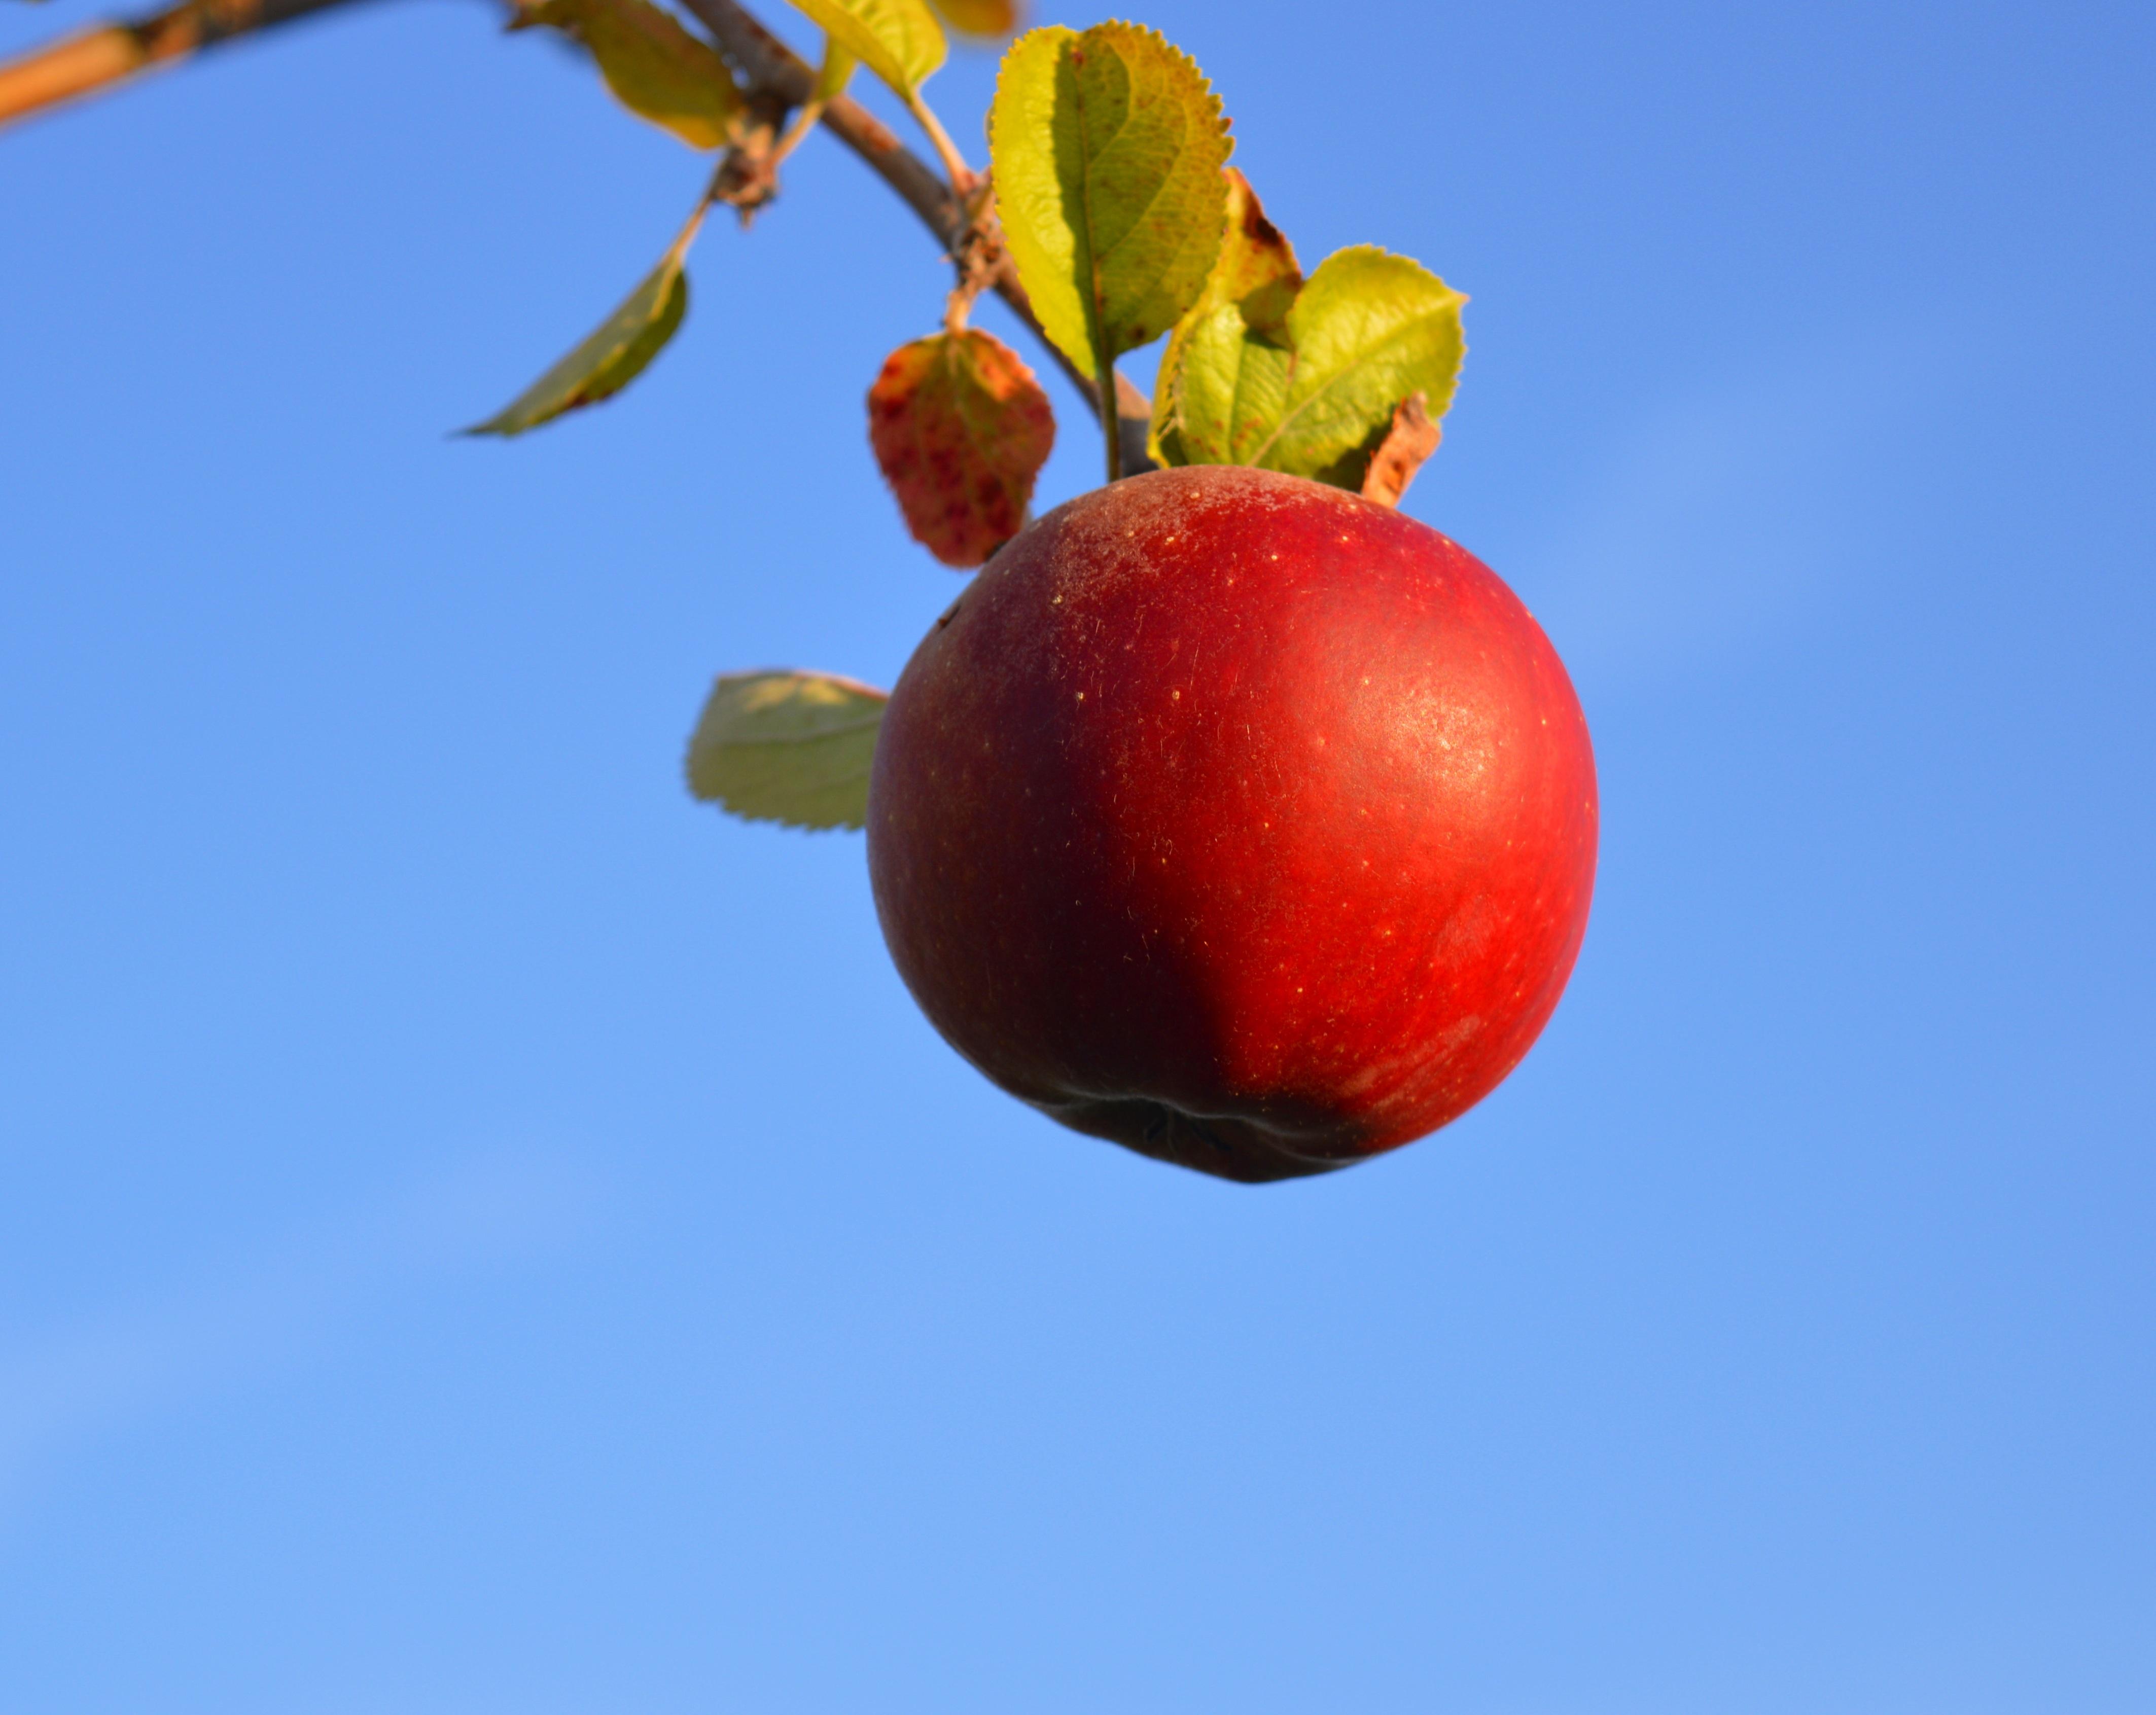 hình ảnh : chi nhánh, thực vật, trái cây, quả mọng, Chín muồi, món ăn, Đỏ, Sản xuất, khỏe mạnh, thơm ngon, Nước ép, táo đỏ, vitamin, Frisch, Hồng hông, ...